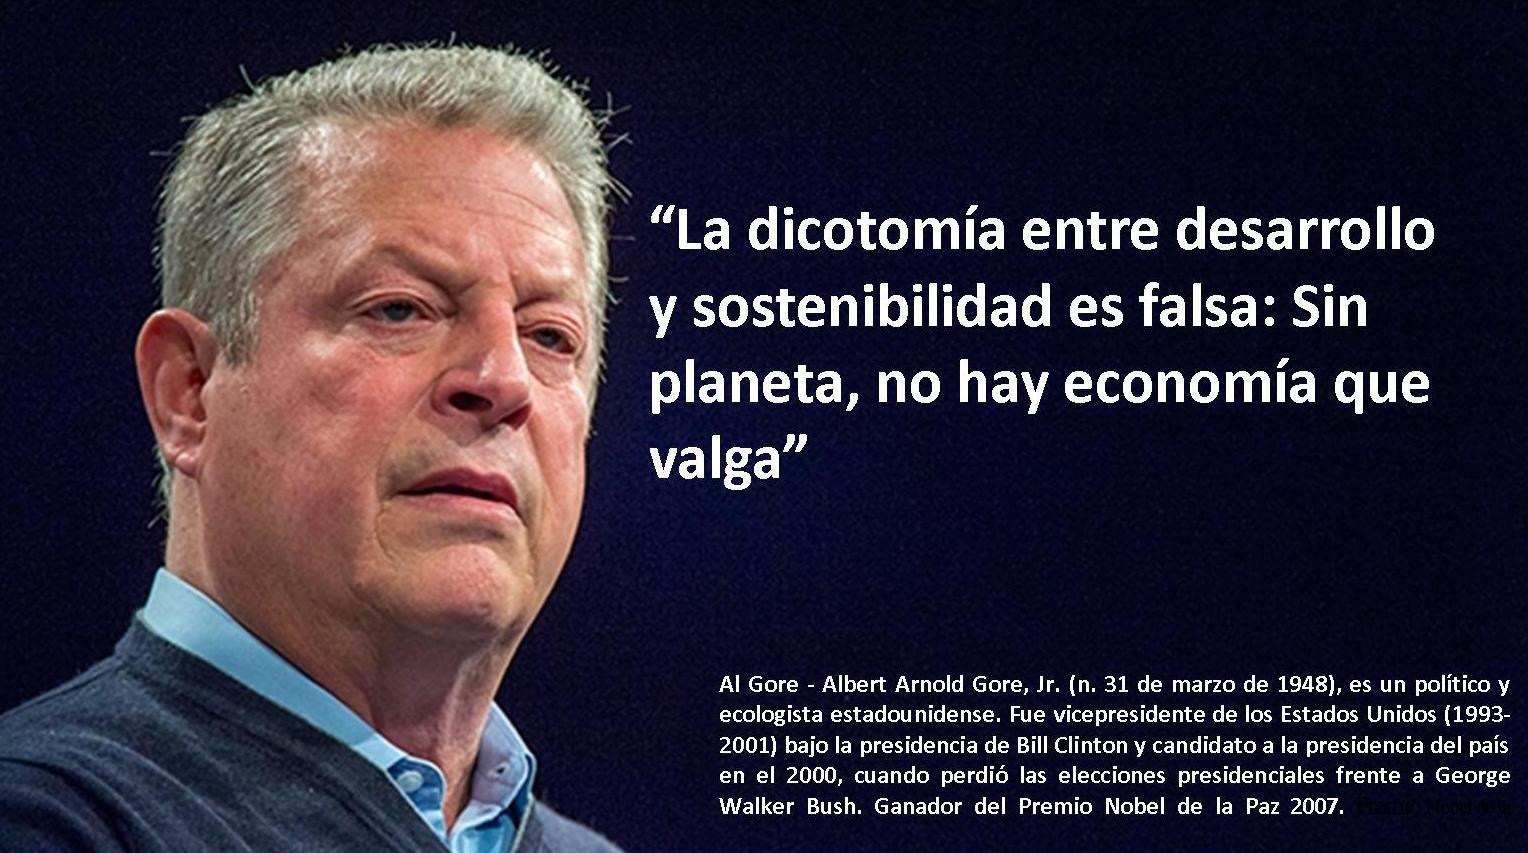 Economía En El Insti Frases Célebres Al Gore